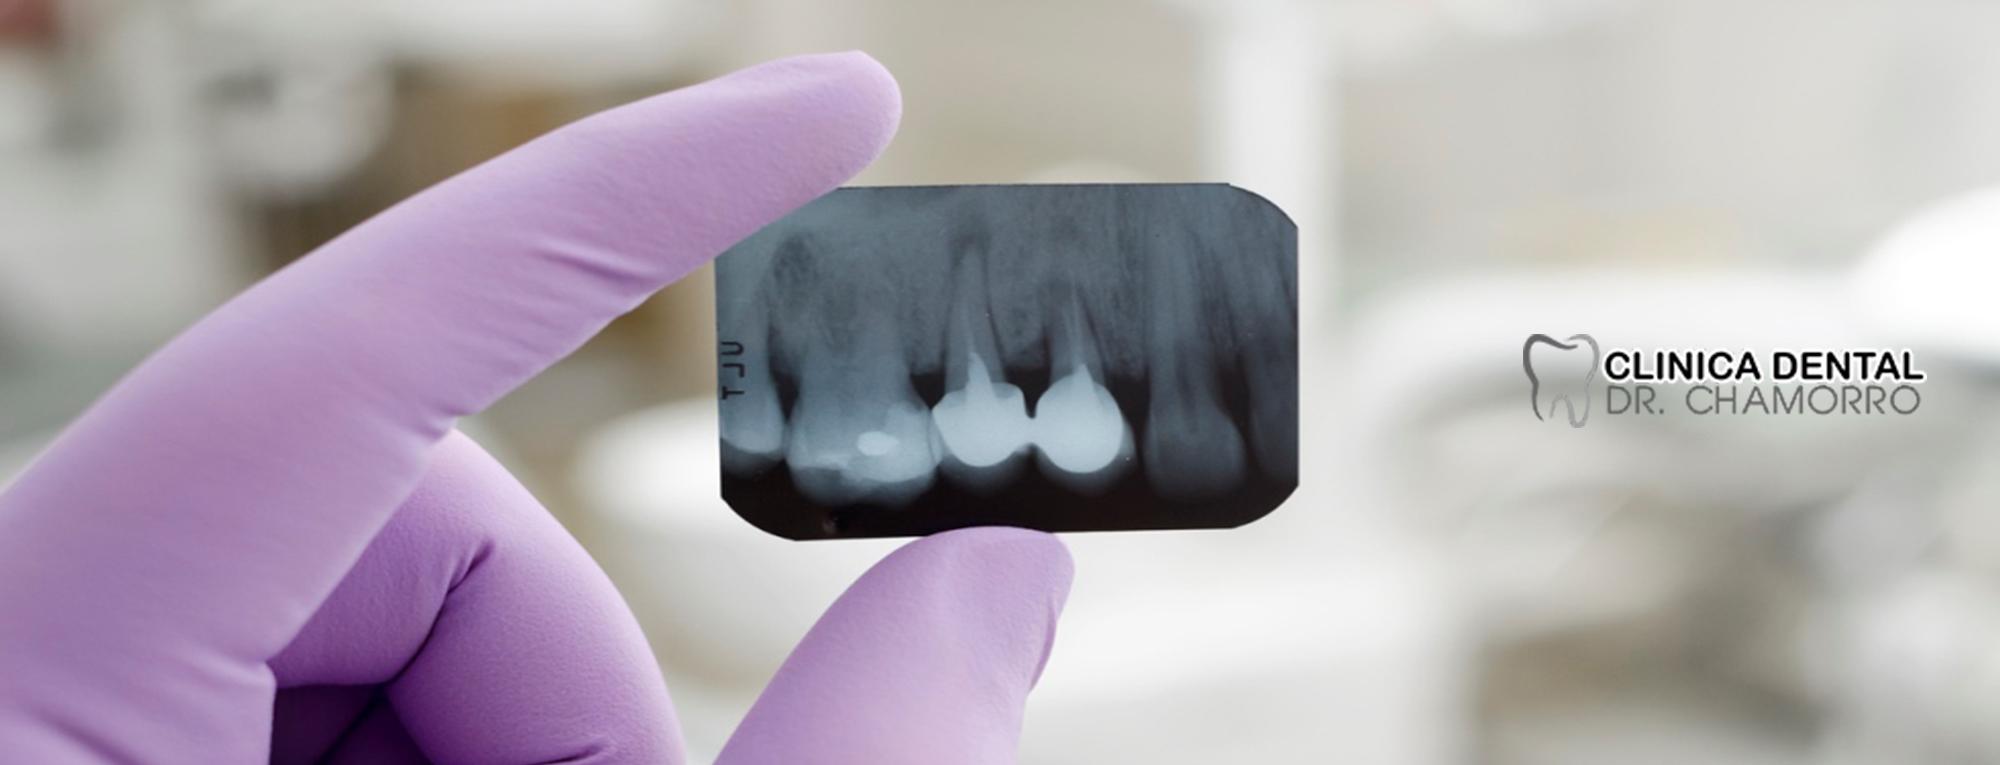 Rdiografia oral